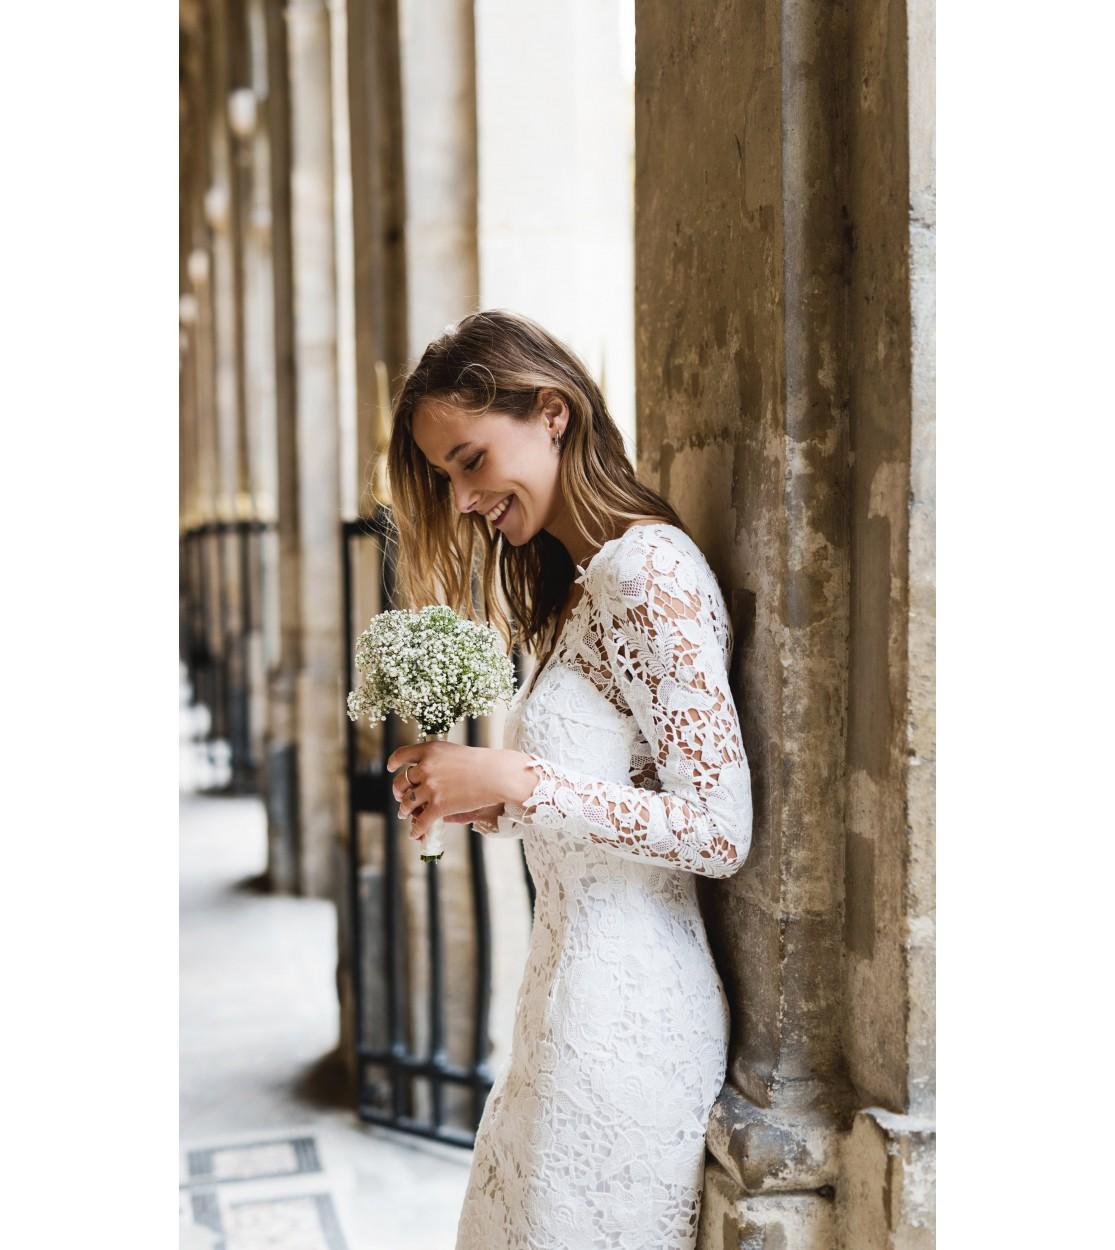 Wedding Dresses For Queens: Queen Wedding Dress